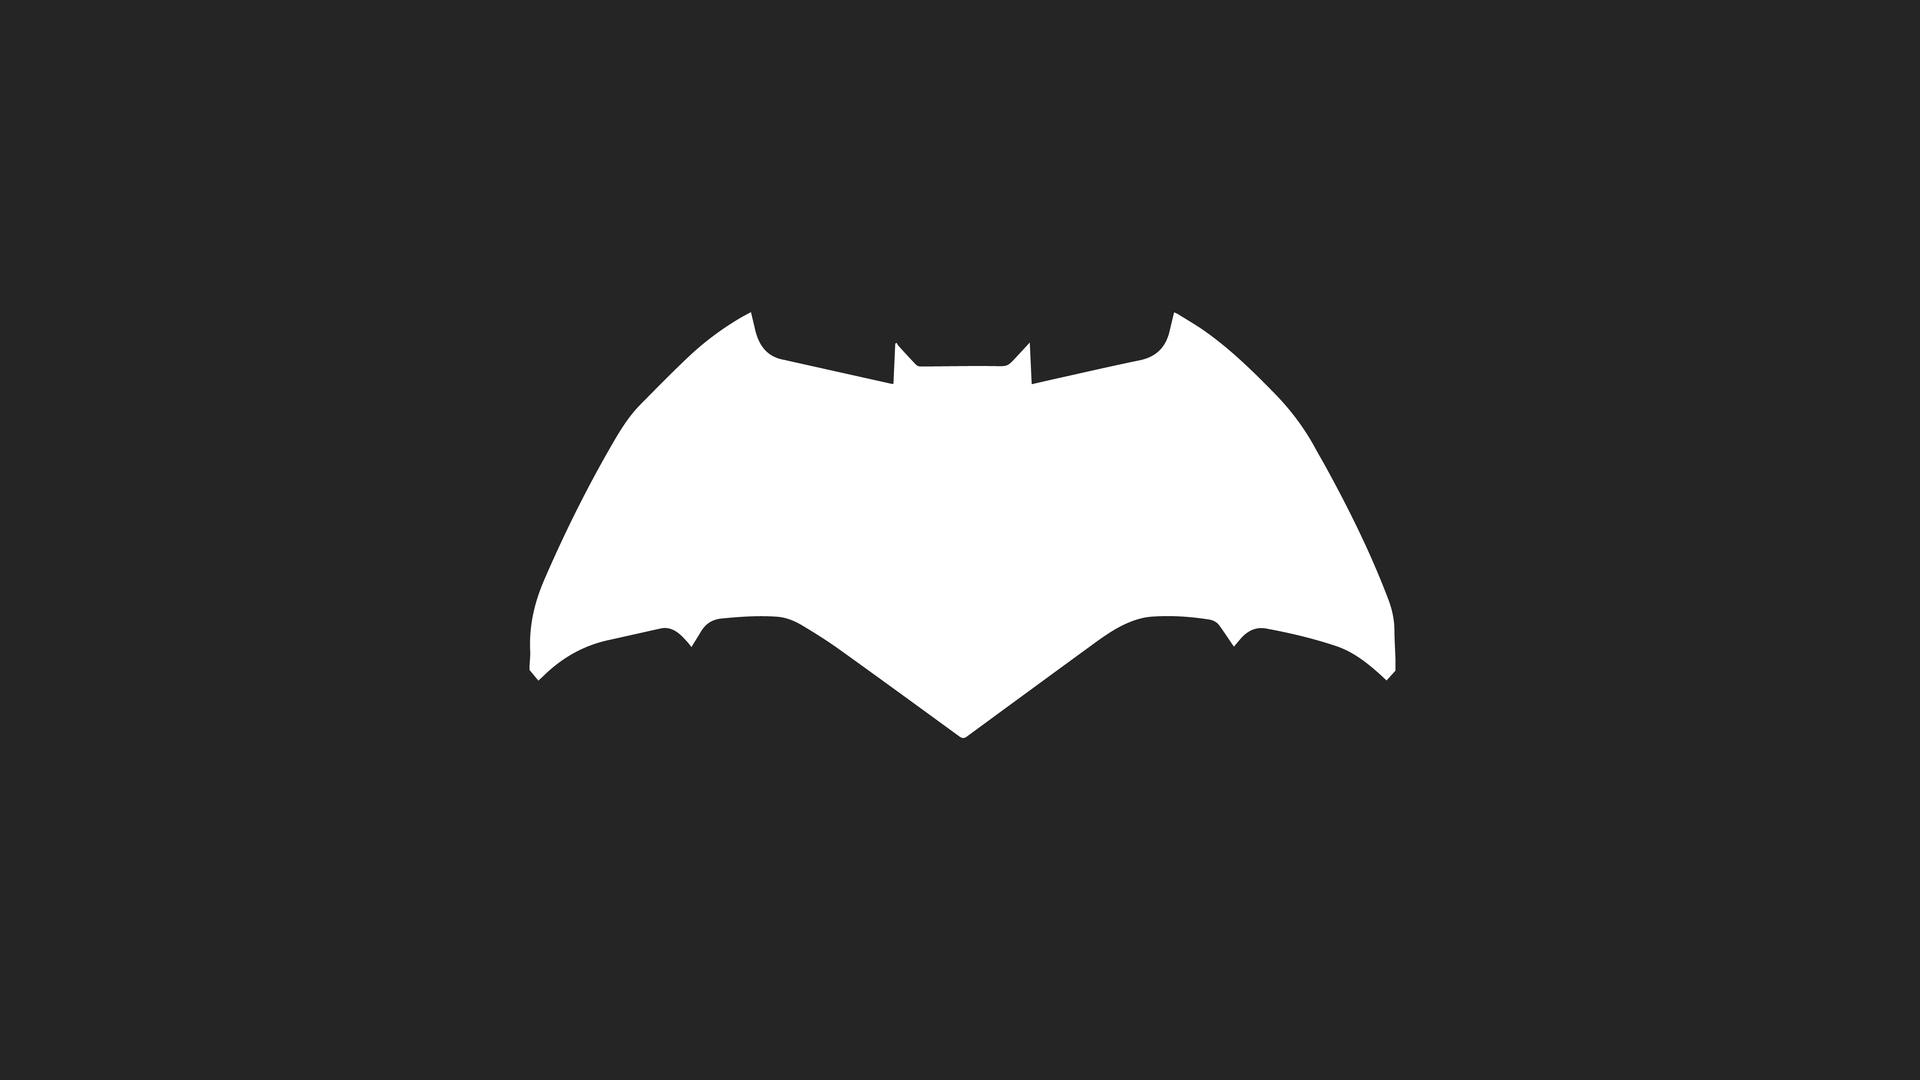 1920x1080 Batman Logo Minimalism Laptop Full HD 1080P HD